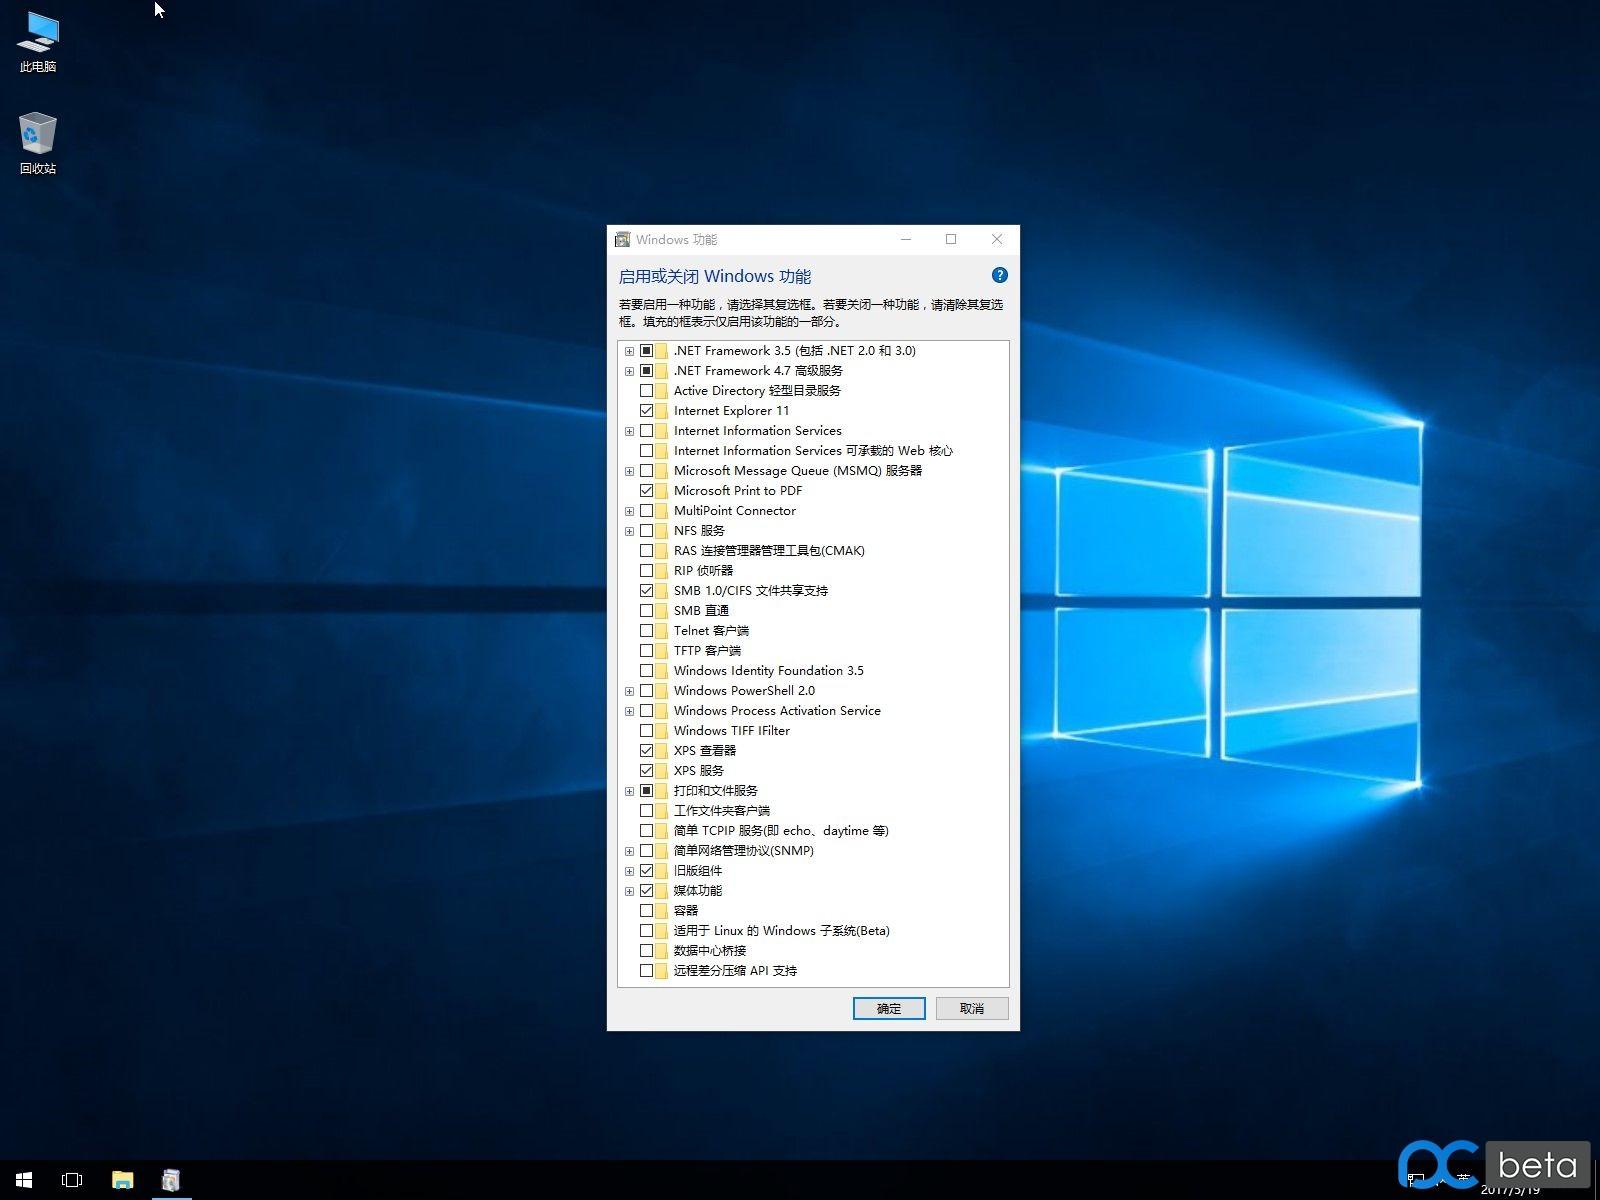 VirtualBox_dd_19_05_2017_17_31_52.jpg